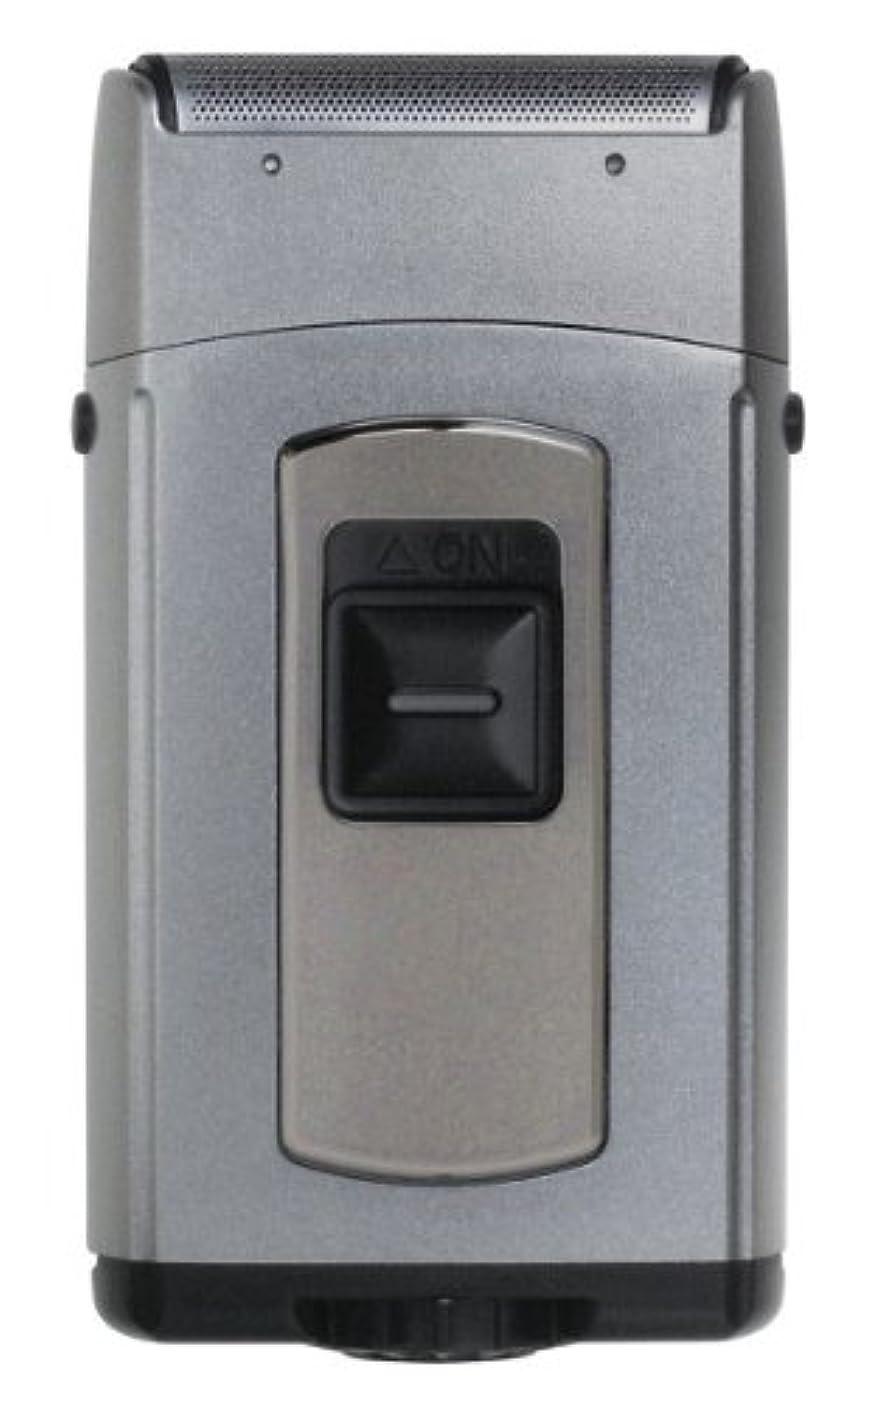 発信代数的たとえロゼンスター 水洗い ポケそり 3枚刃 S-686